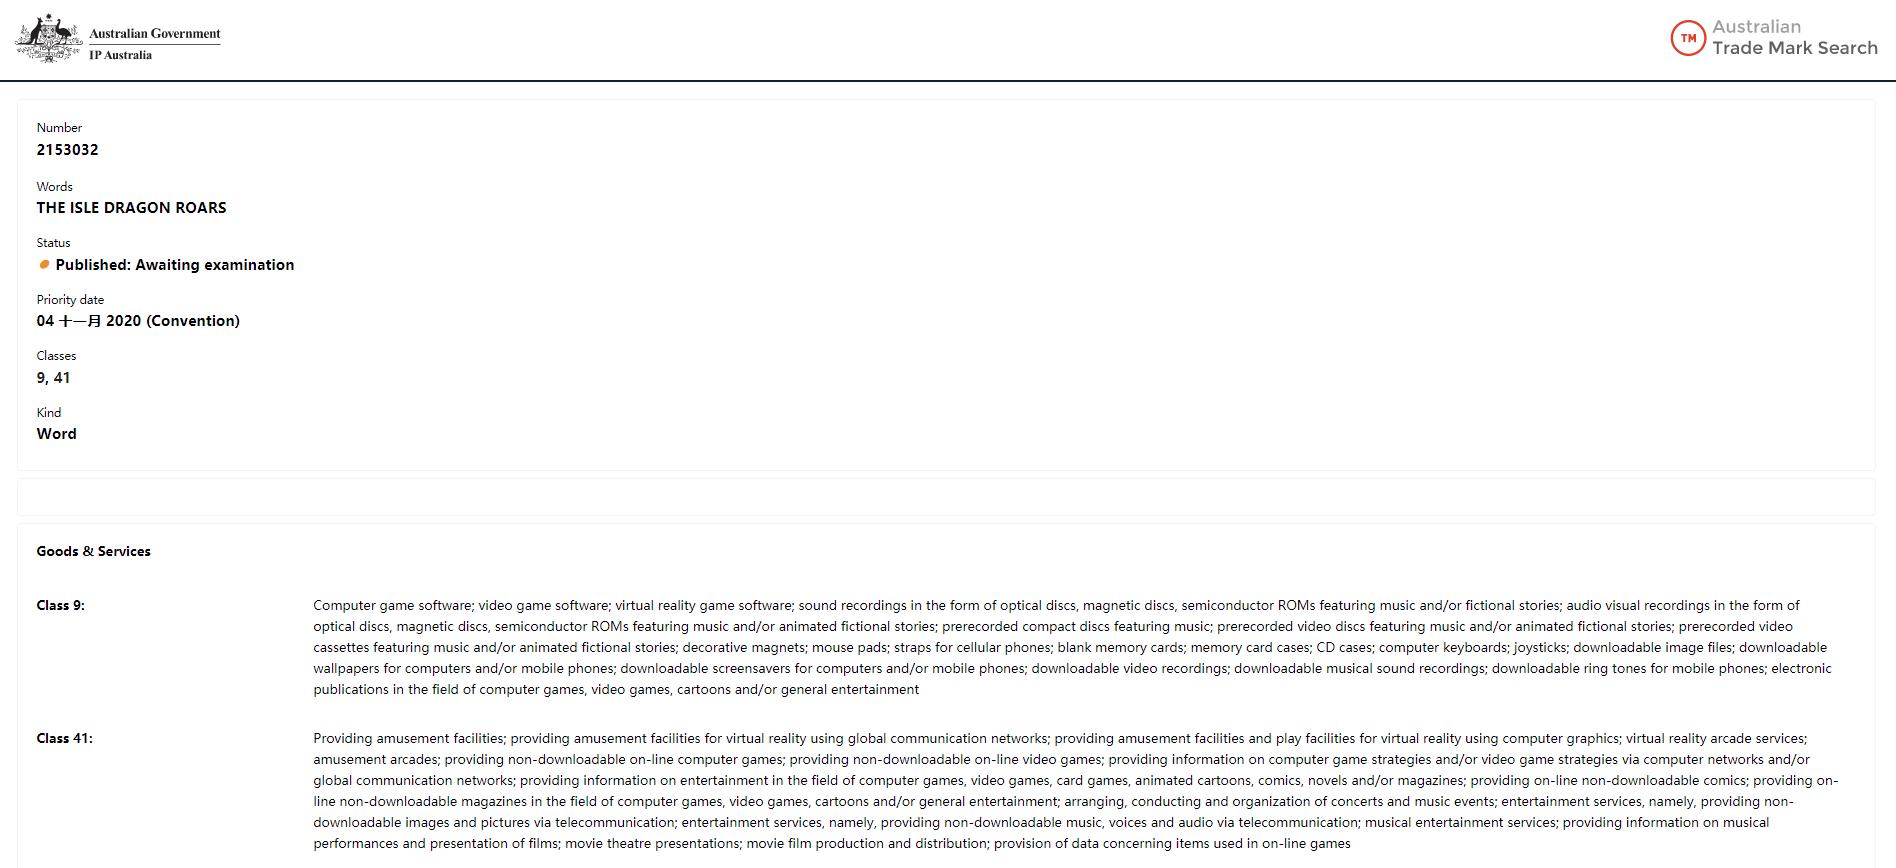 SE在澳注册新商标 被猜测与《勇气默示录2》有关